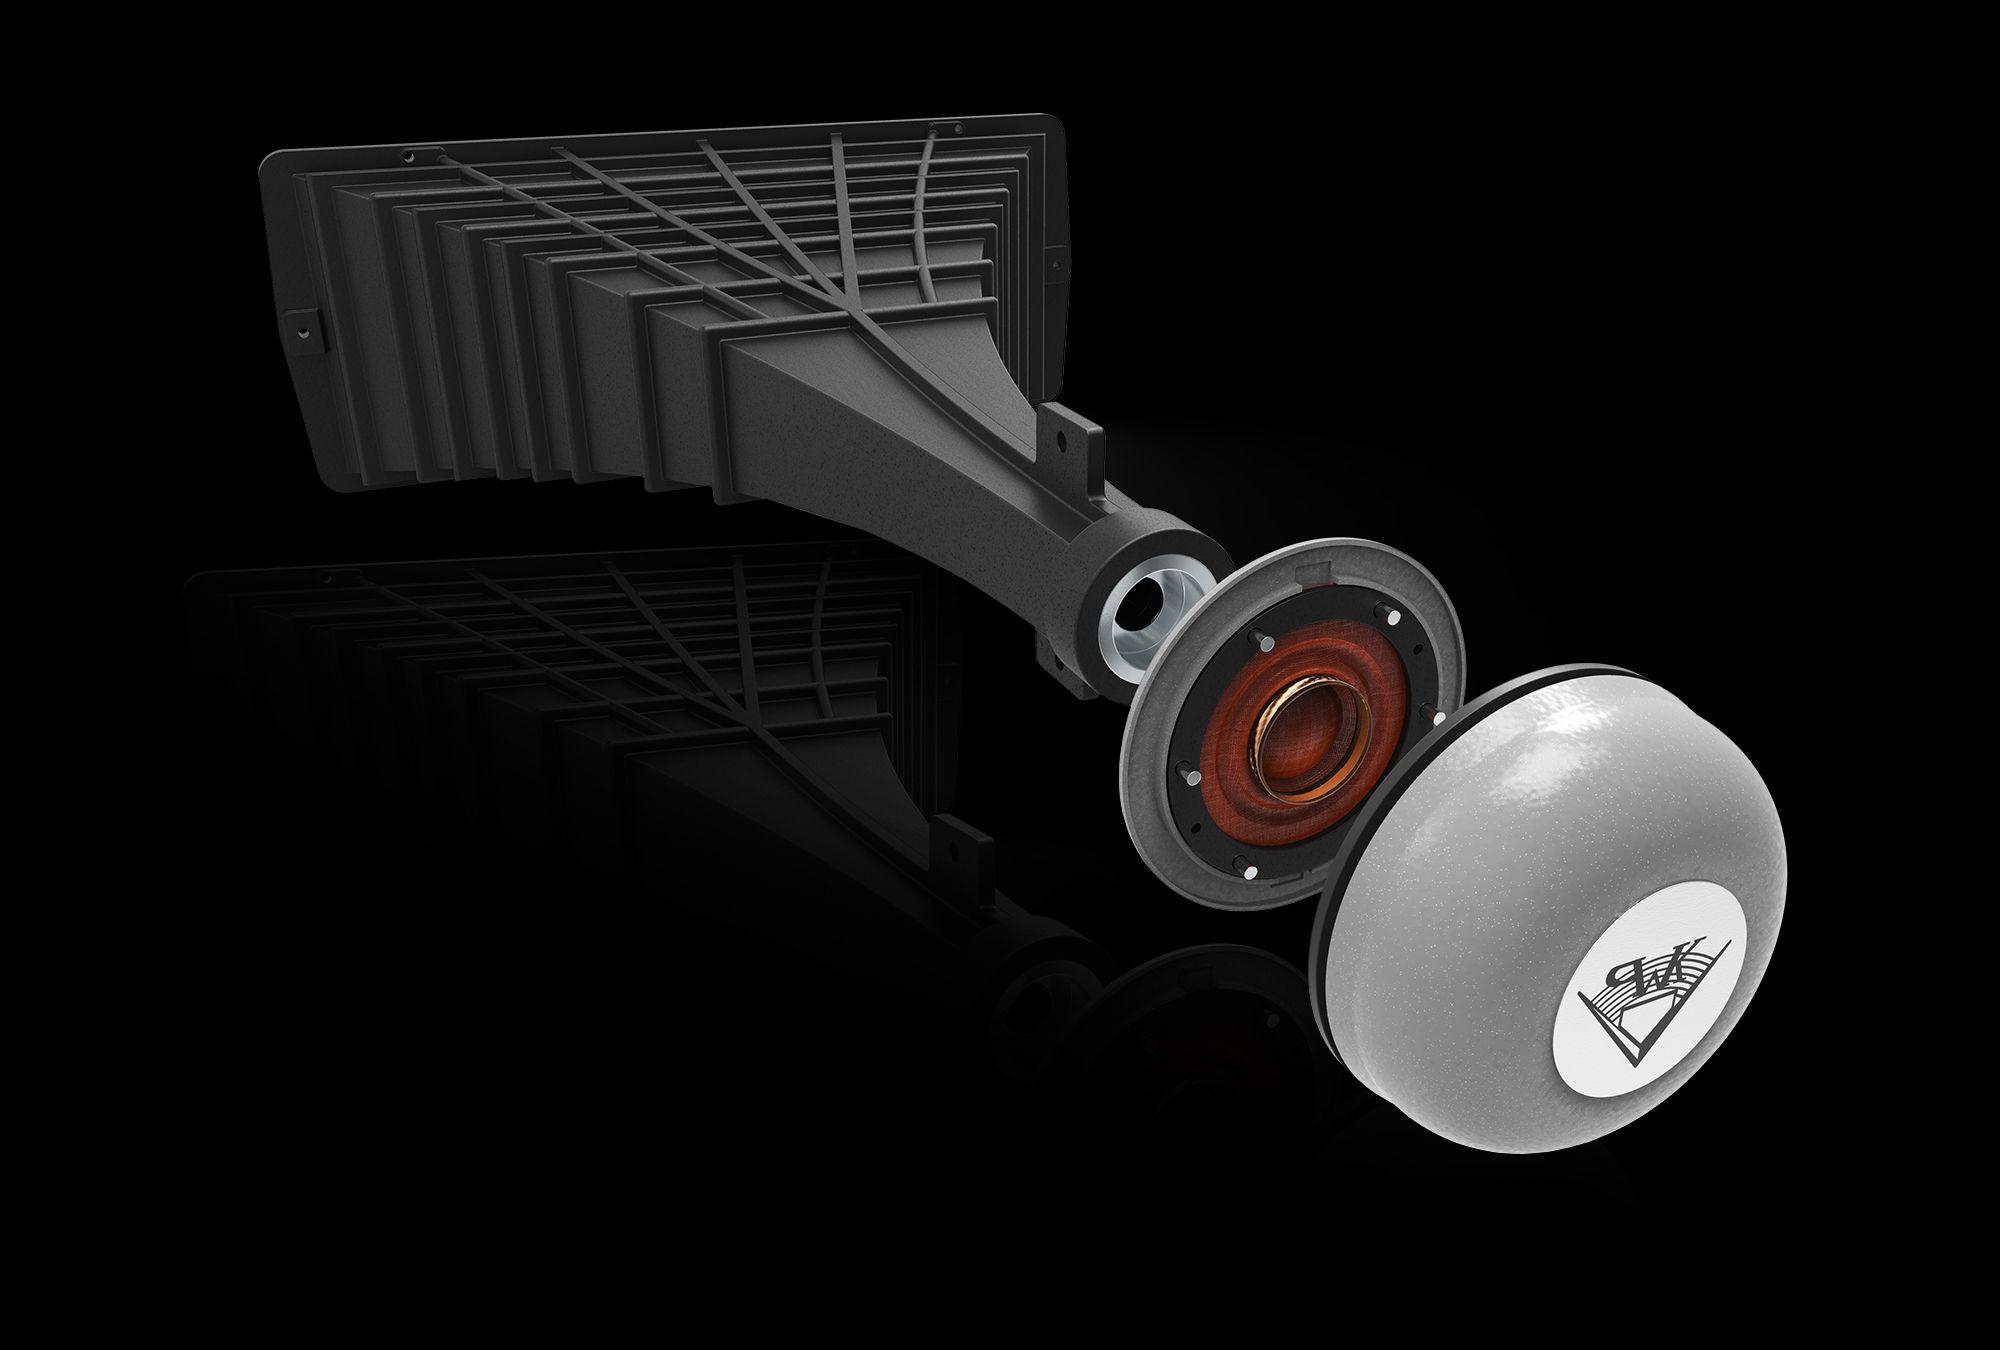 Loa Klipsch Horn AK6 | loa Mỹ nhập khẩu chính hãng Klipsch giá tốt nhất Việt Nam | Anh Duy Audio